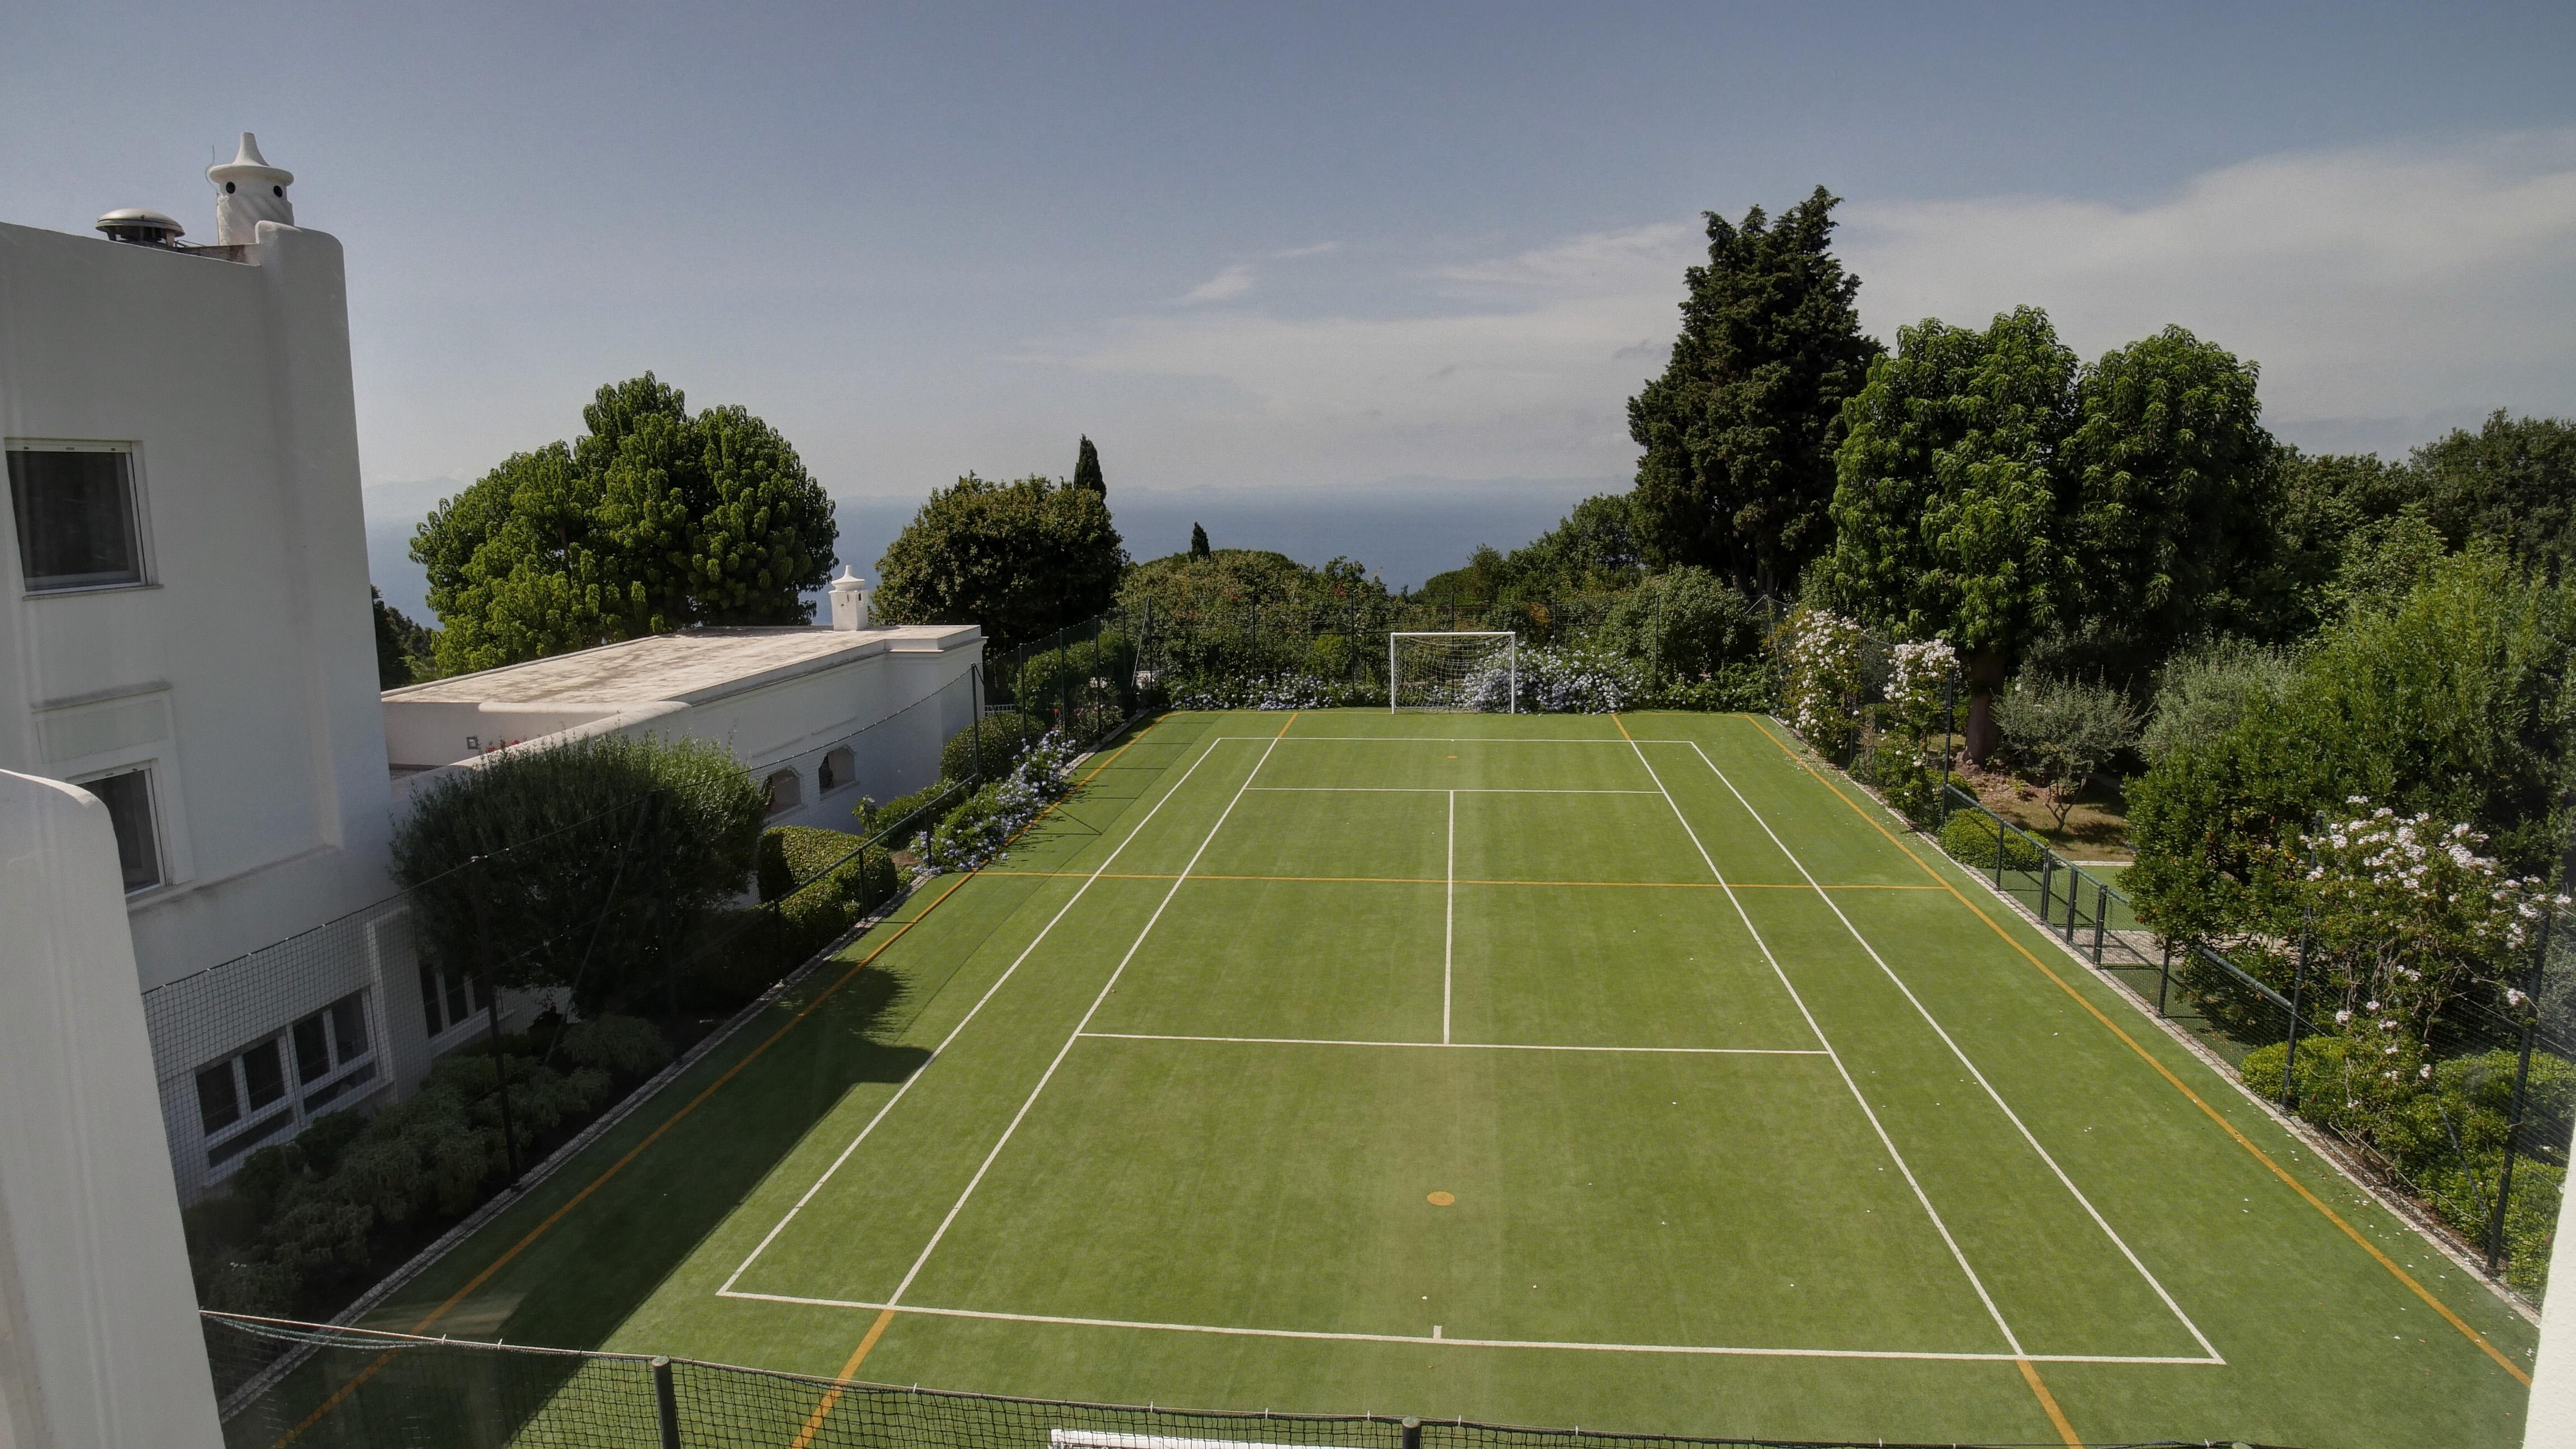 ISLAND OF CAPRI ITALY ESTATE TENNIS COURT ENCAPSULATED IN GREEN ARBOR